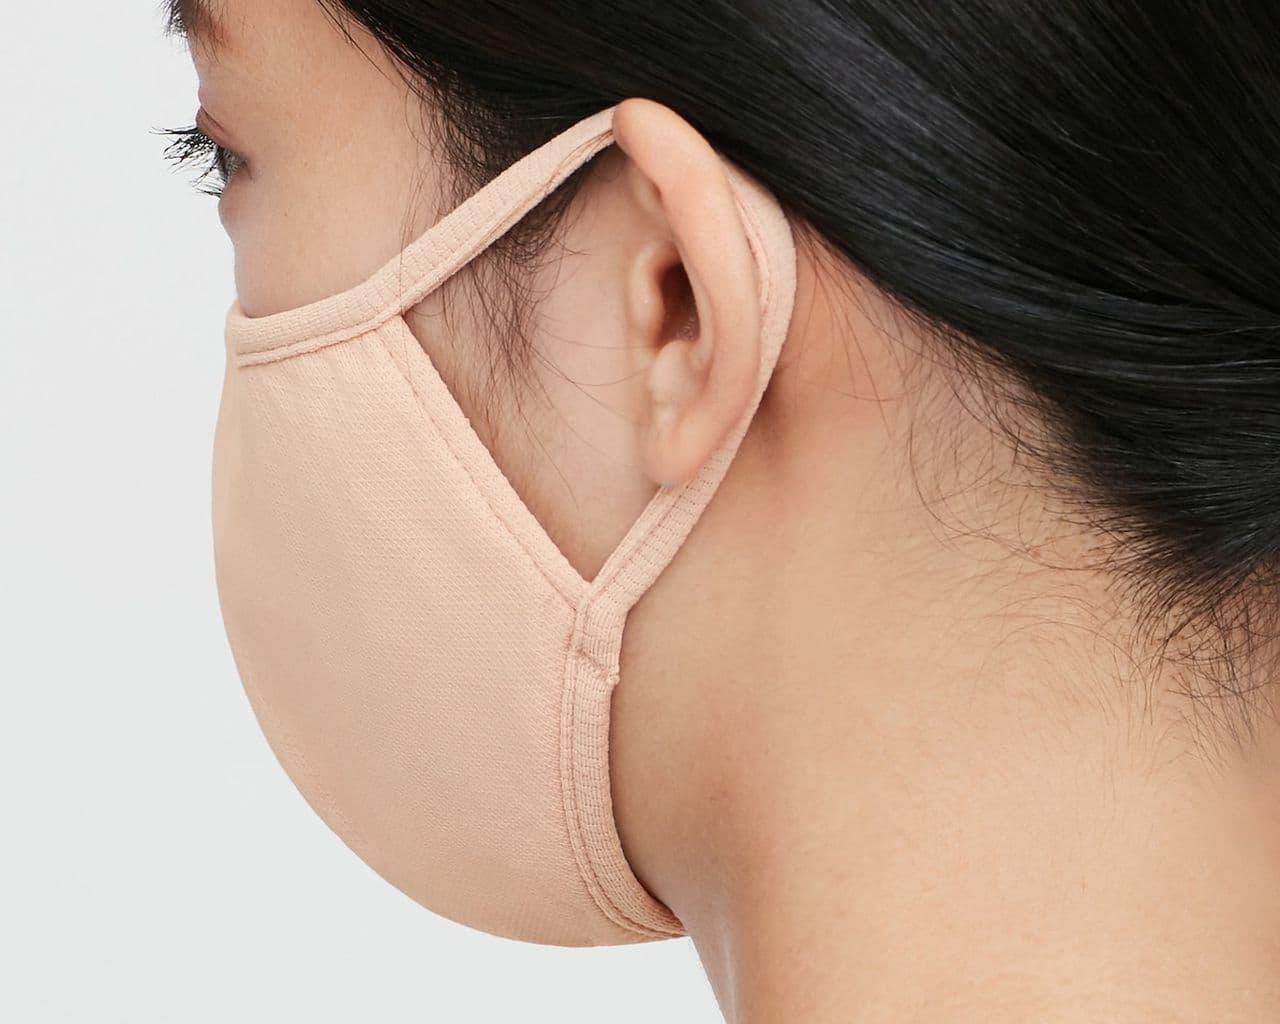 ユニクロの「エアリズムマスク」に新色「ベージュ」